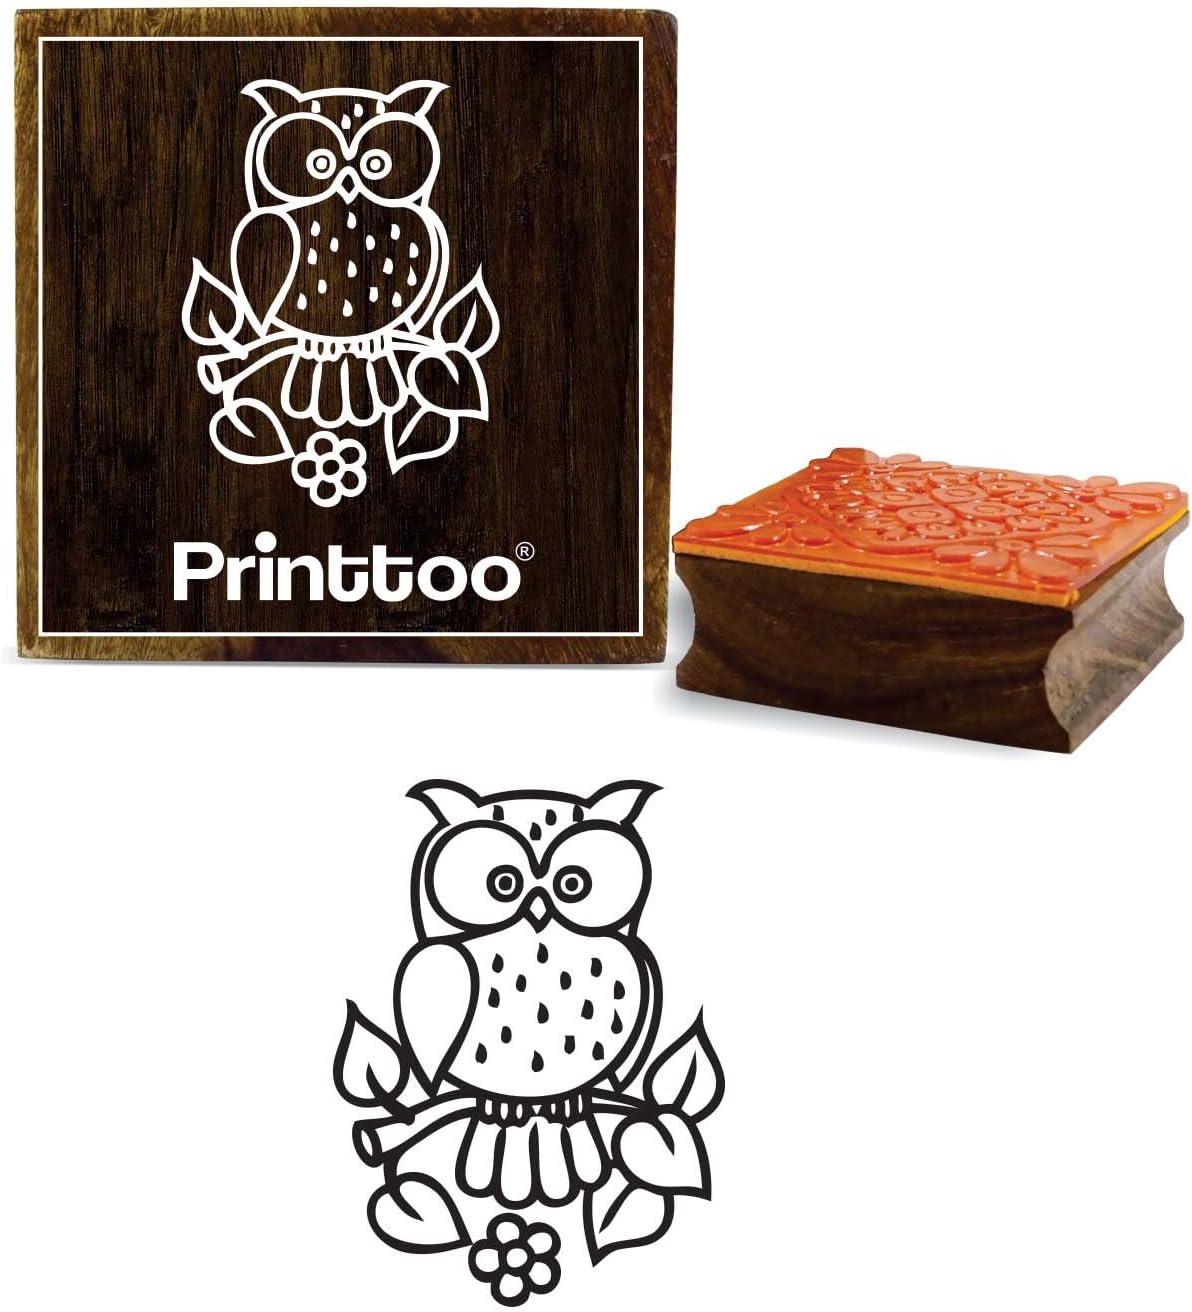 Printtoo Stampo in legno marrone timbro di gomma gufo modello quadrato artigianato tessile francobolli-2 x 2 pollici